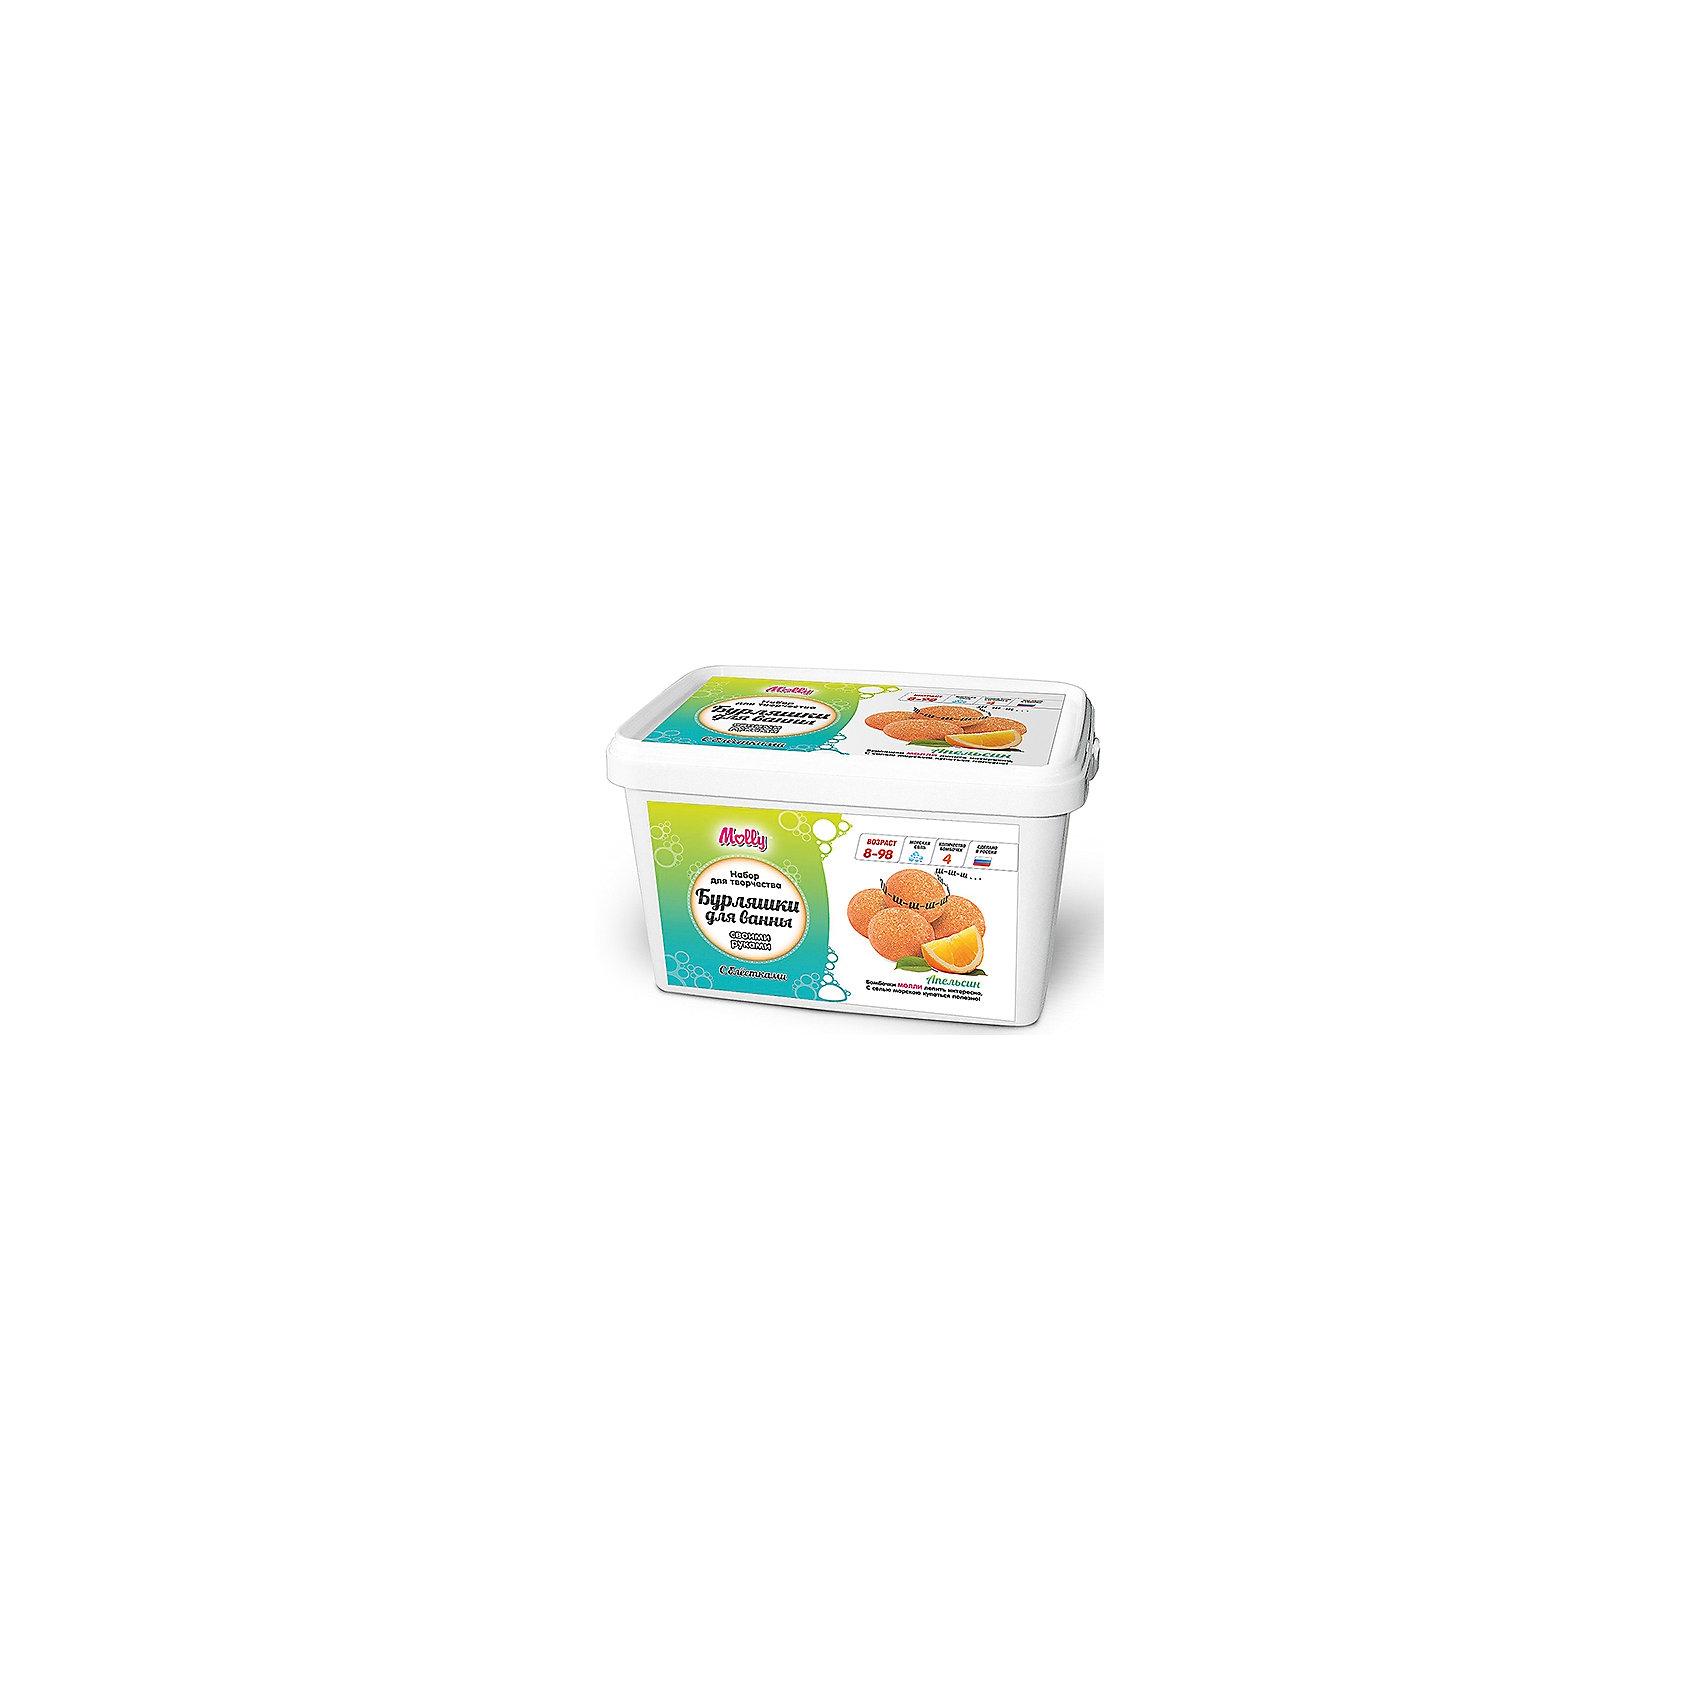 Бурляшки для ванны  своими руками АпельсинНаборы детской косметики<br>Оригинальные бурляшки (бомбочки для ванн), которые можно создать своими руками. В состав набора входит: сода, лимонная кислота, морская соль, 1 краситель, 1 ароматизатор,  форма для бурляшек,  одноразовые перчатки и подробная инструкция.<br><br>Ширина мм: 20<br>Глубина мм: 13<br>Высота мм: 11<br>Вес г: 500<br>Возраст от месяцев: 96<br>Возраст до месяцев: 144<br>Пол: Унисекс<br>Возраст: Детский<br>SKU: 5115193